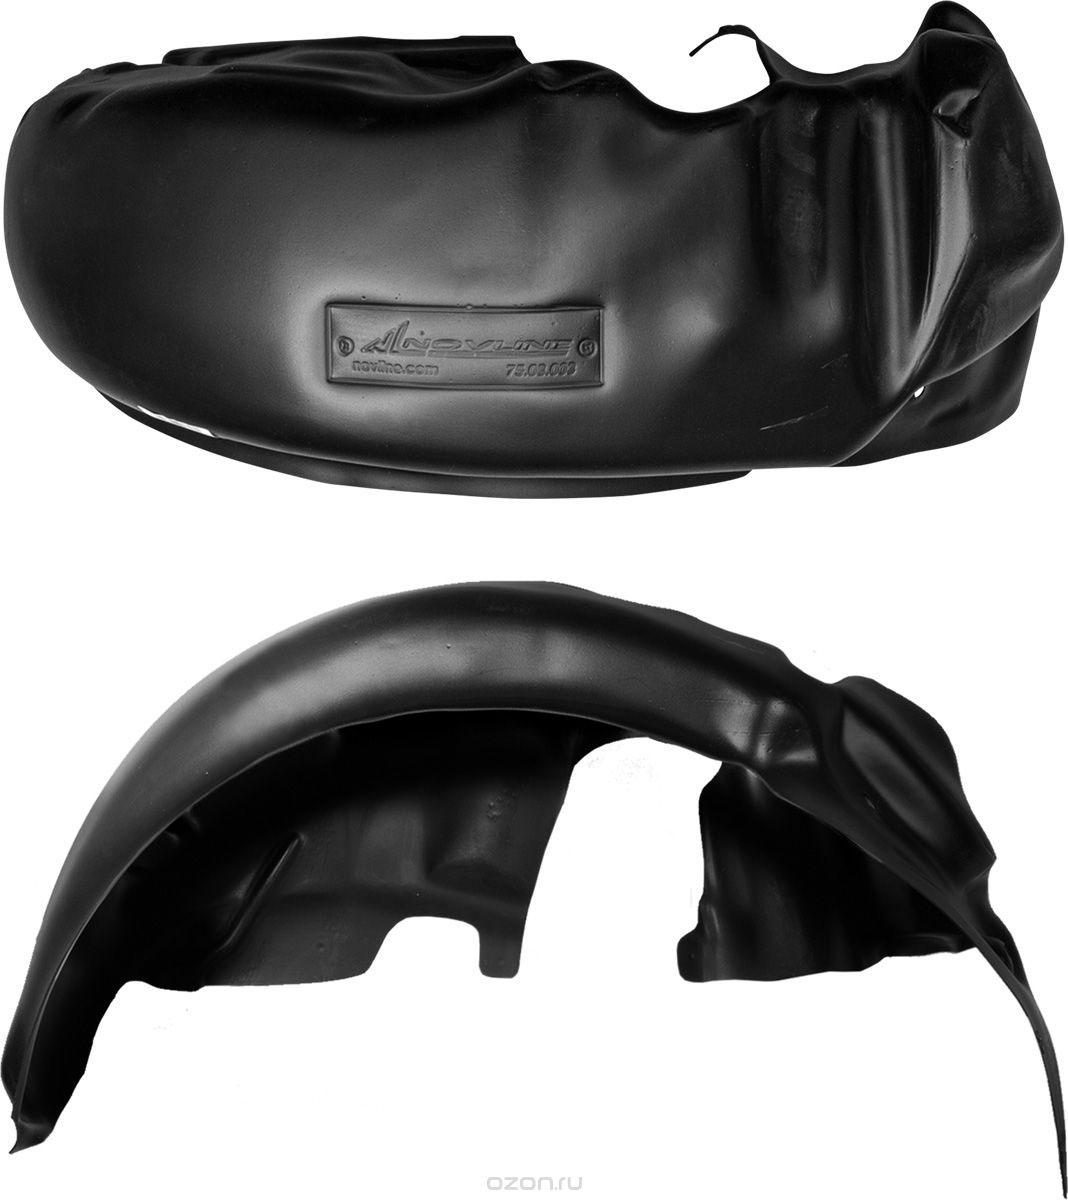 Подкрылок Novline-Autofamily, для CHEVROLET Aveo 5D/3D 2008->, хб., задний правый, NLL.08.13.00442803004Идеальная защита колесной ниши. Локеры разработаны с применением цифровых технологий, гарантируют максимальную повторяемость поверхности арки. Изделия устанавливаются без нарушения лакокрасочного покрытия автомобиля, каждый подкрылок комплектуется крепежом. Уважаемые клиенты, обращаем ваше внимание, что фотографии на подкрылки универсальные и не отражают реальную форму изделия. При этом само изделие идет точно под размер указанного автомобиля.